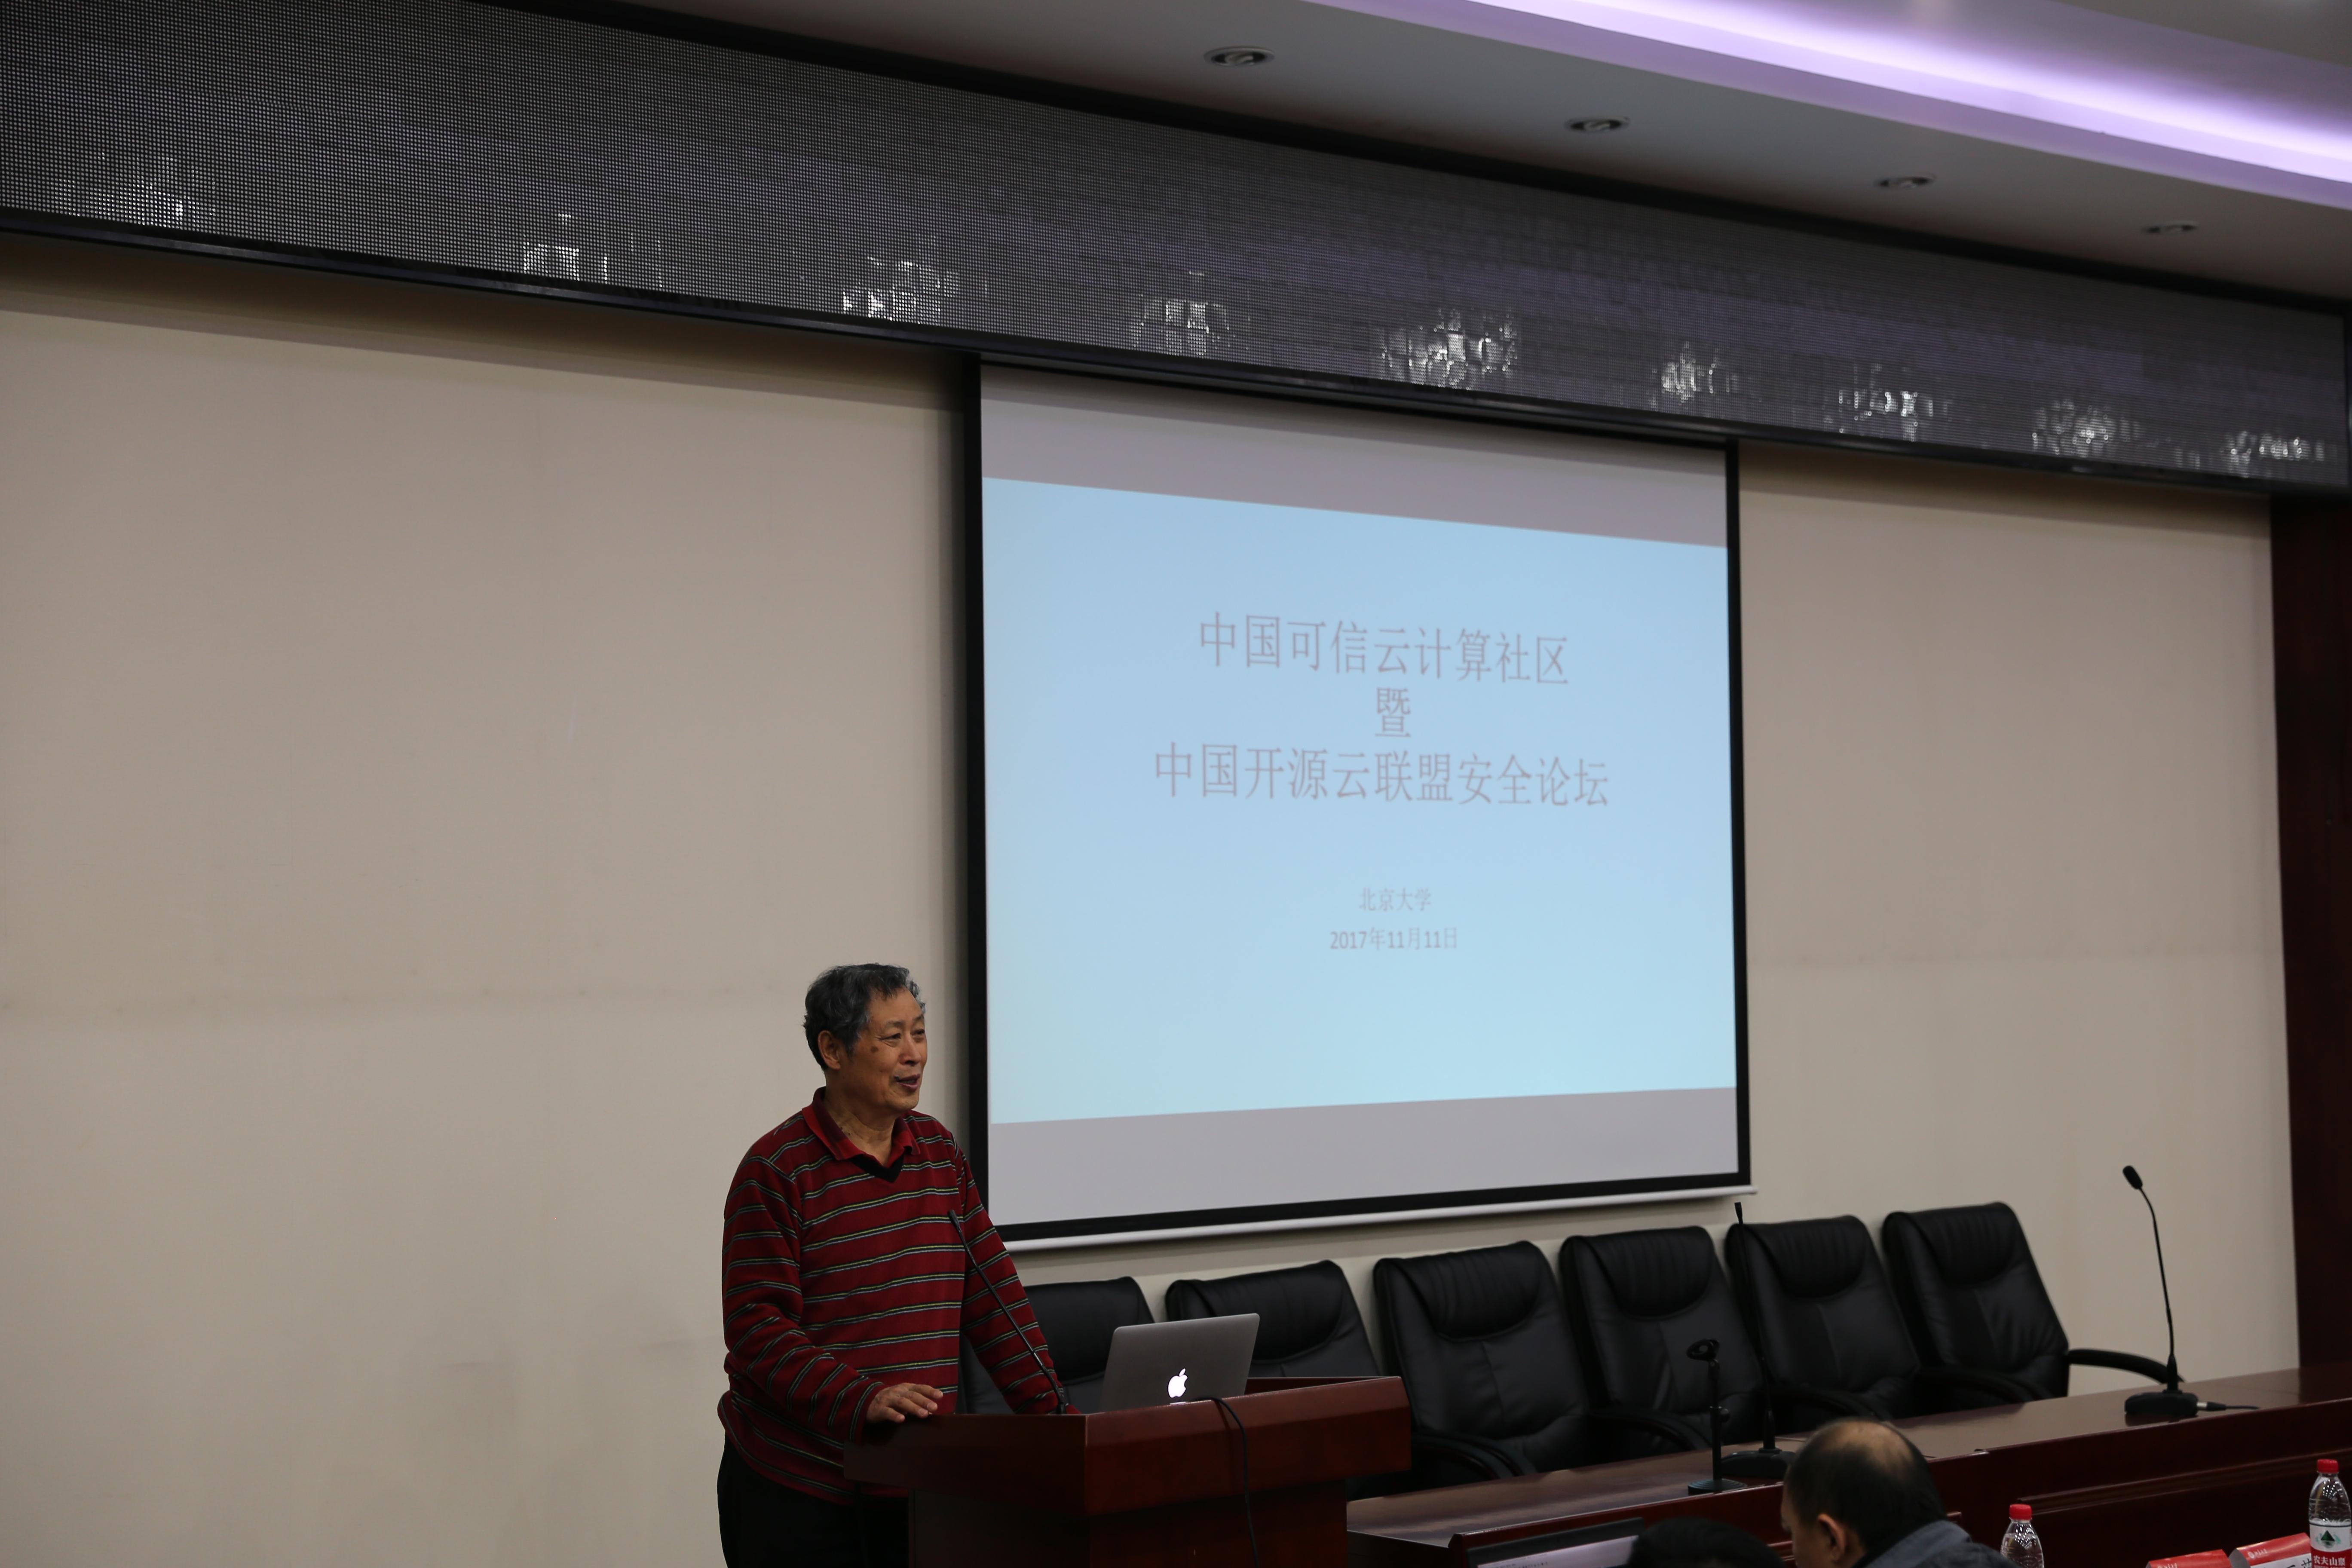 中国可信云社区发起人之一张焕国教授致辞